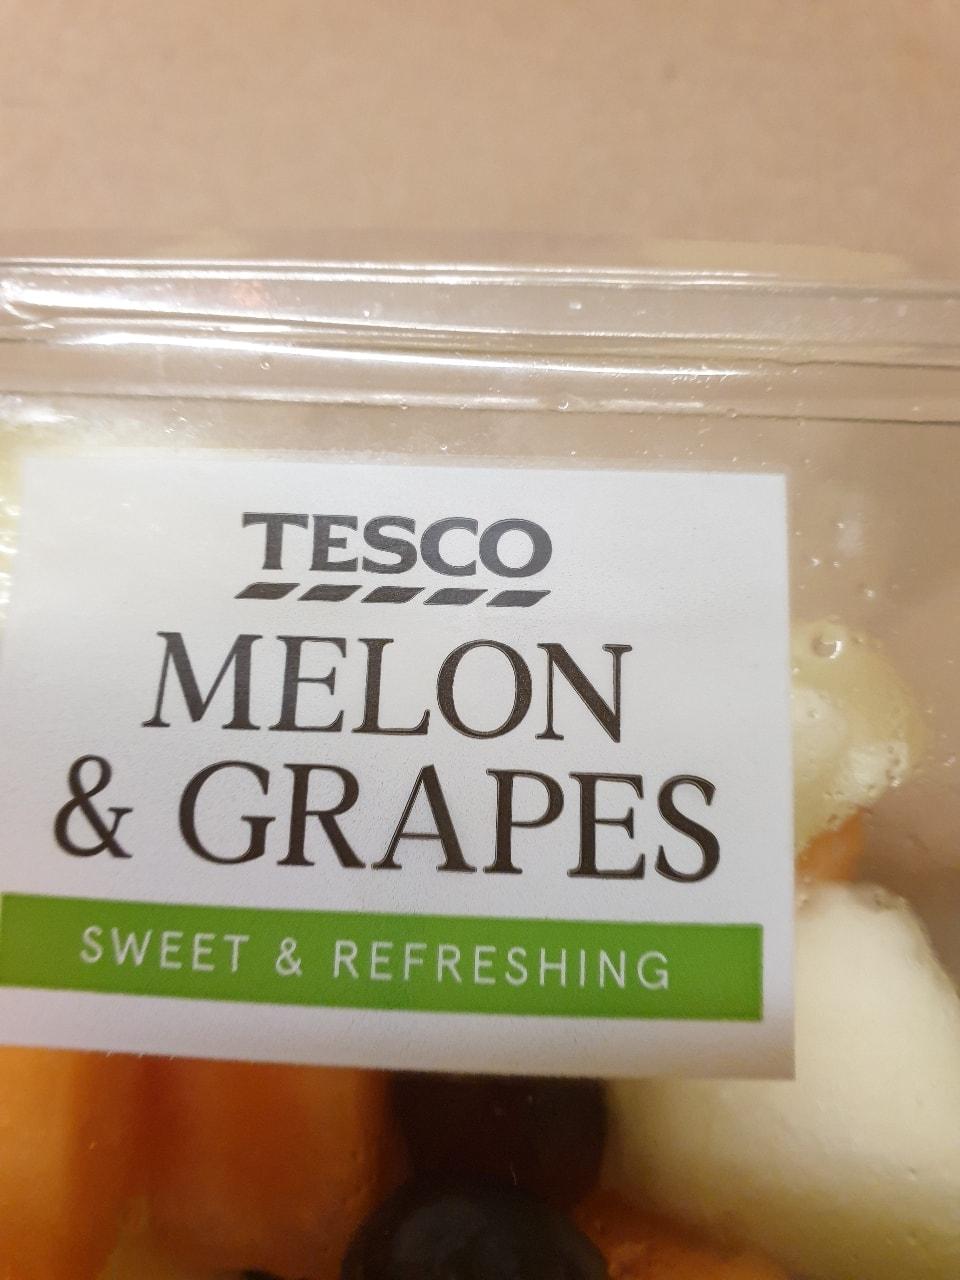 Melon and grape